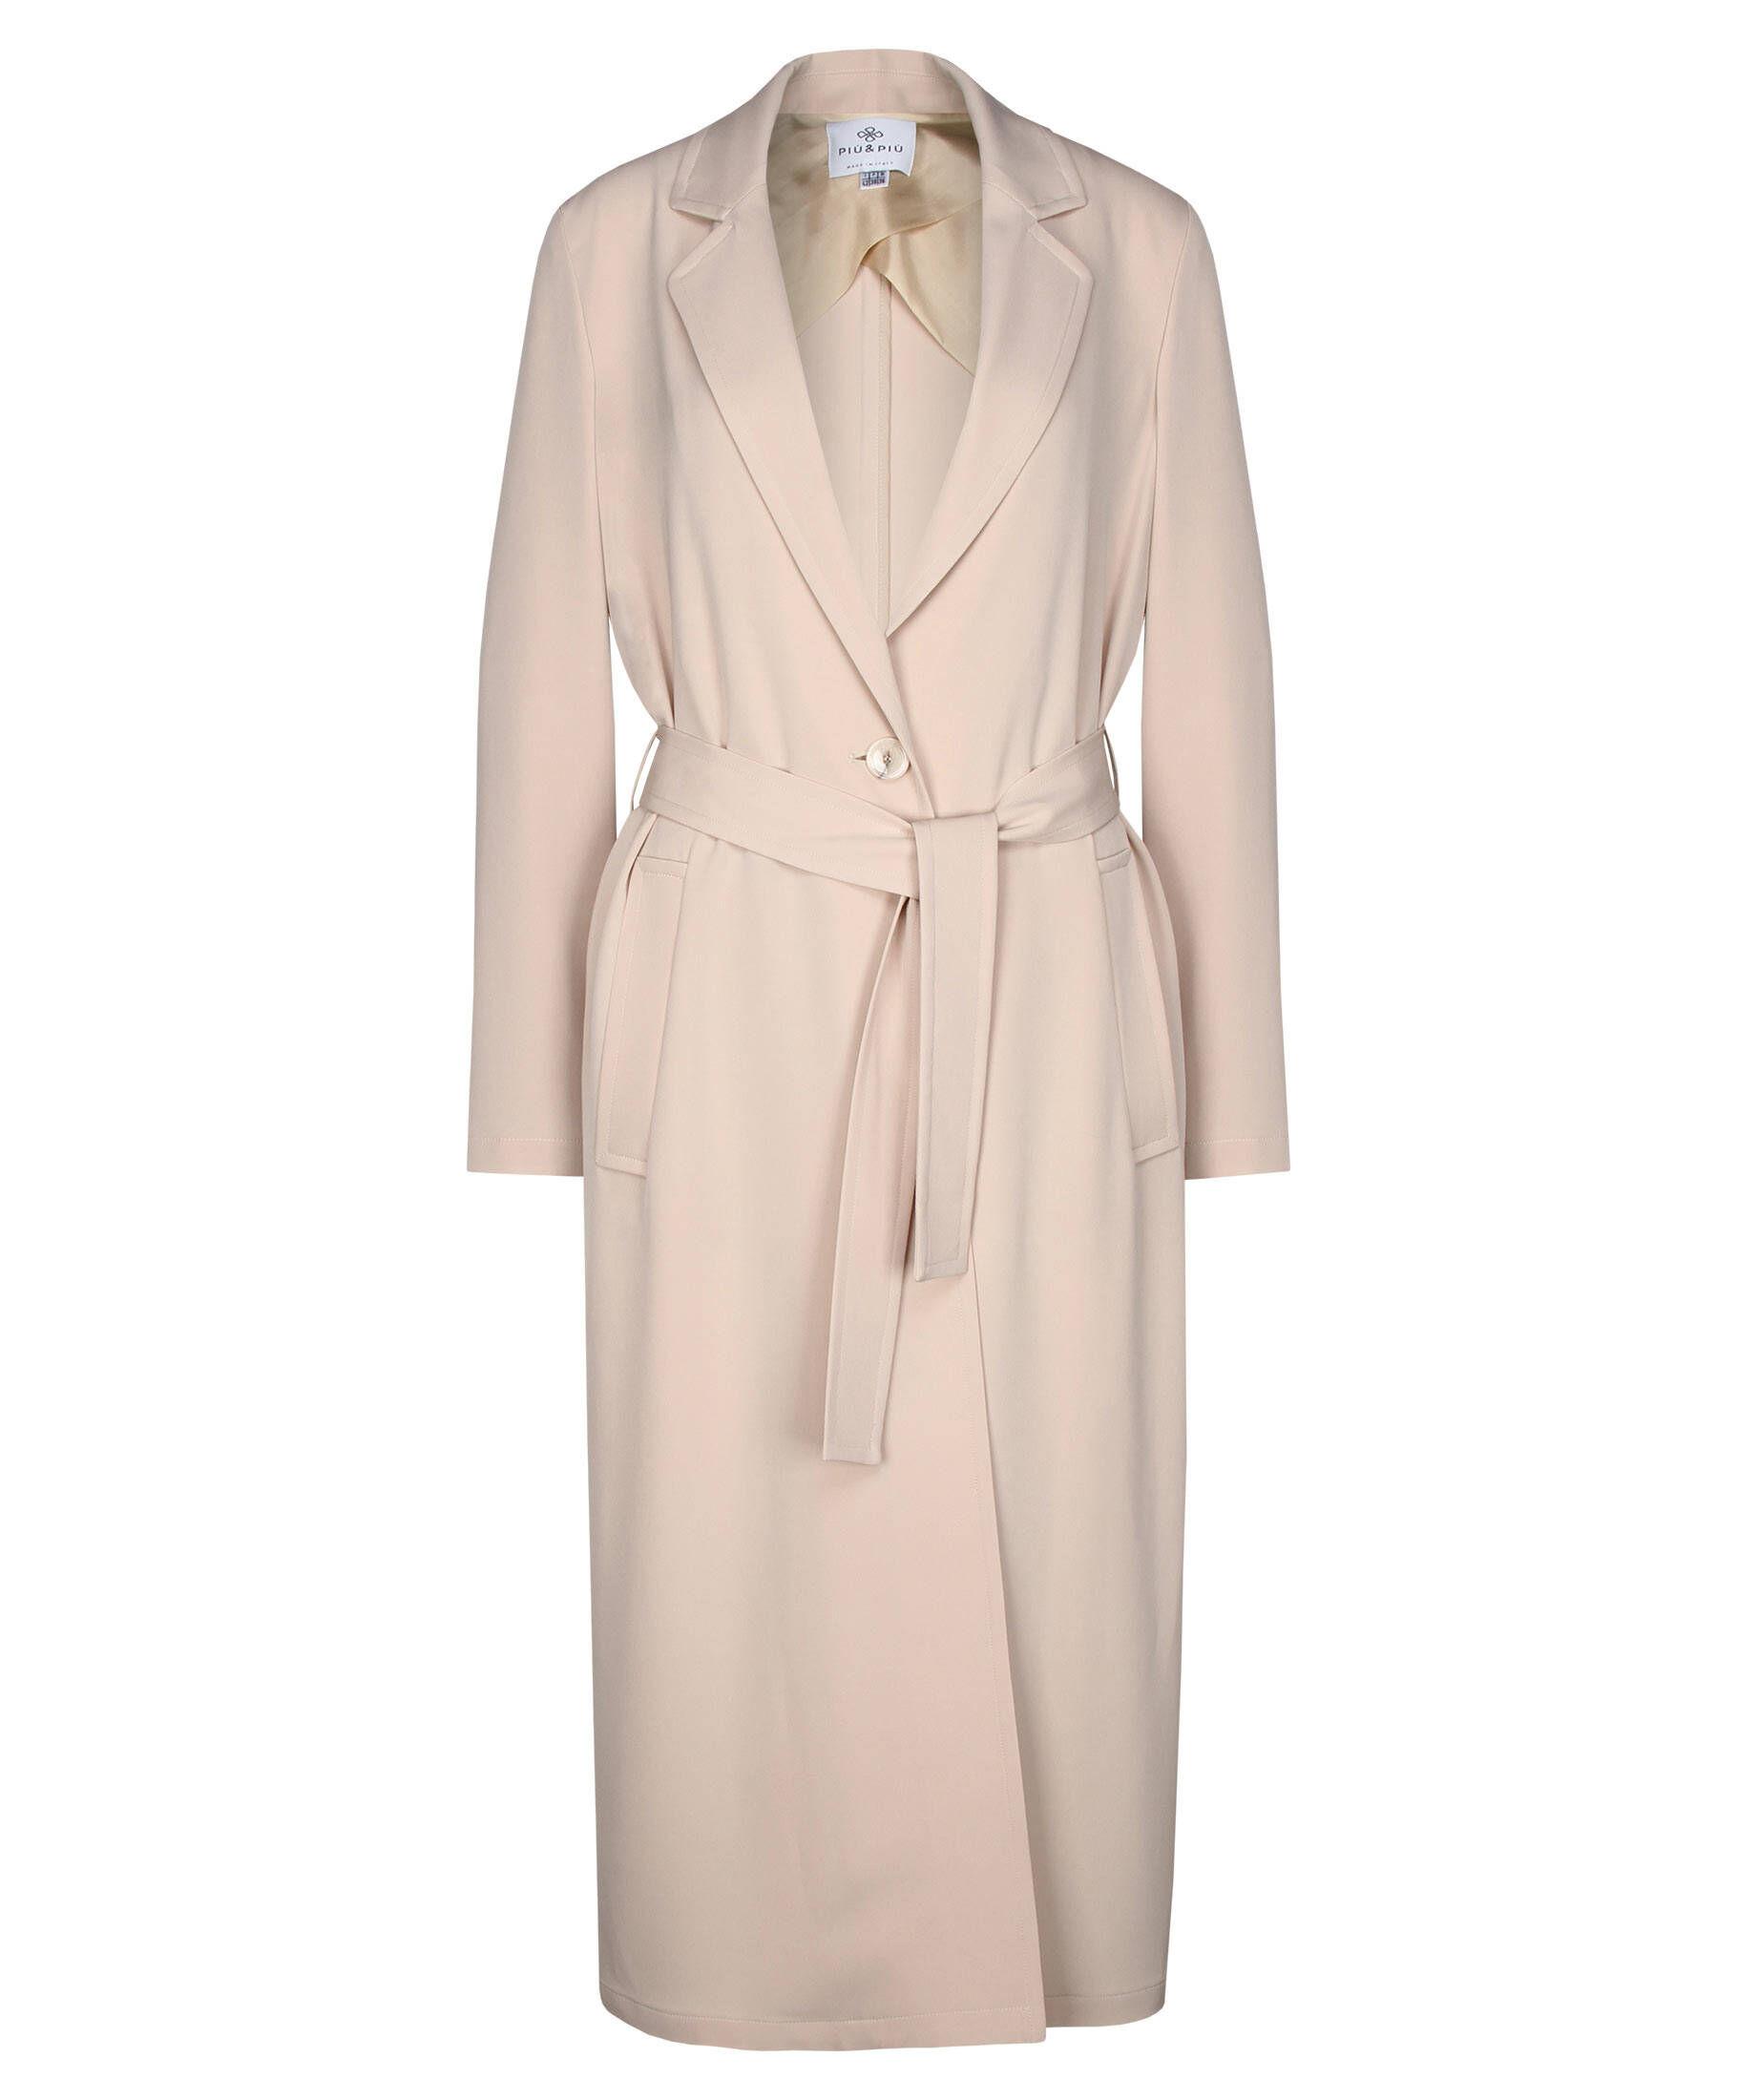 Fashion Mantel Schleife Belt Beige Dunkelblau Plus Size Damen Windbreaker